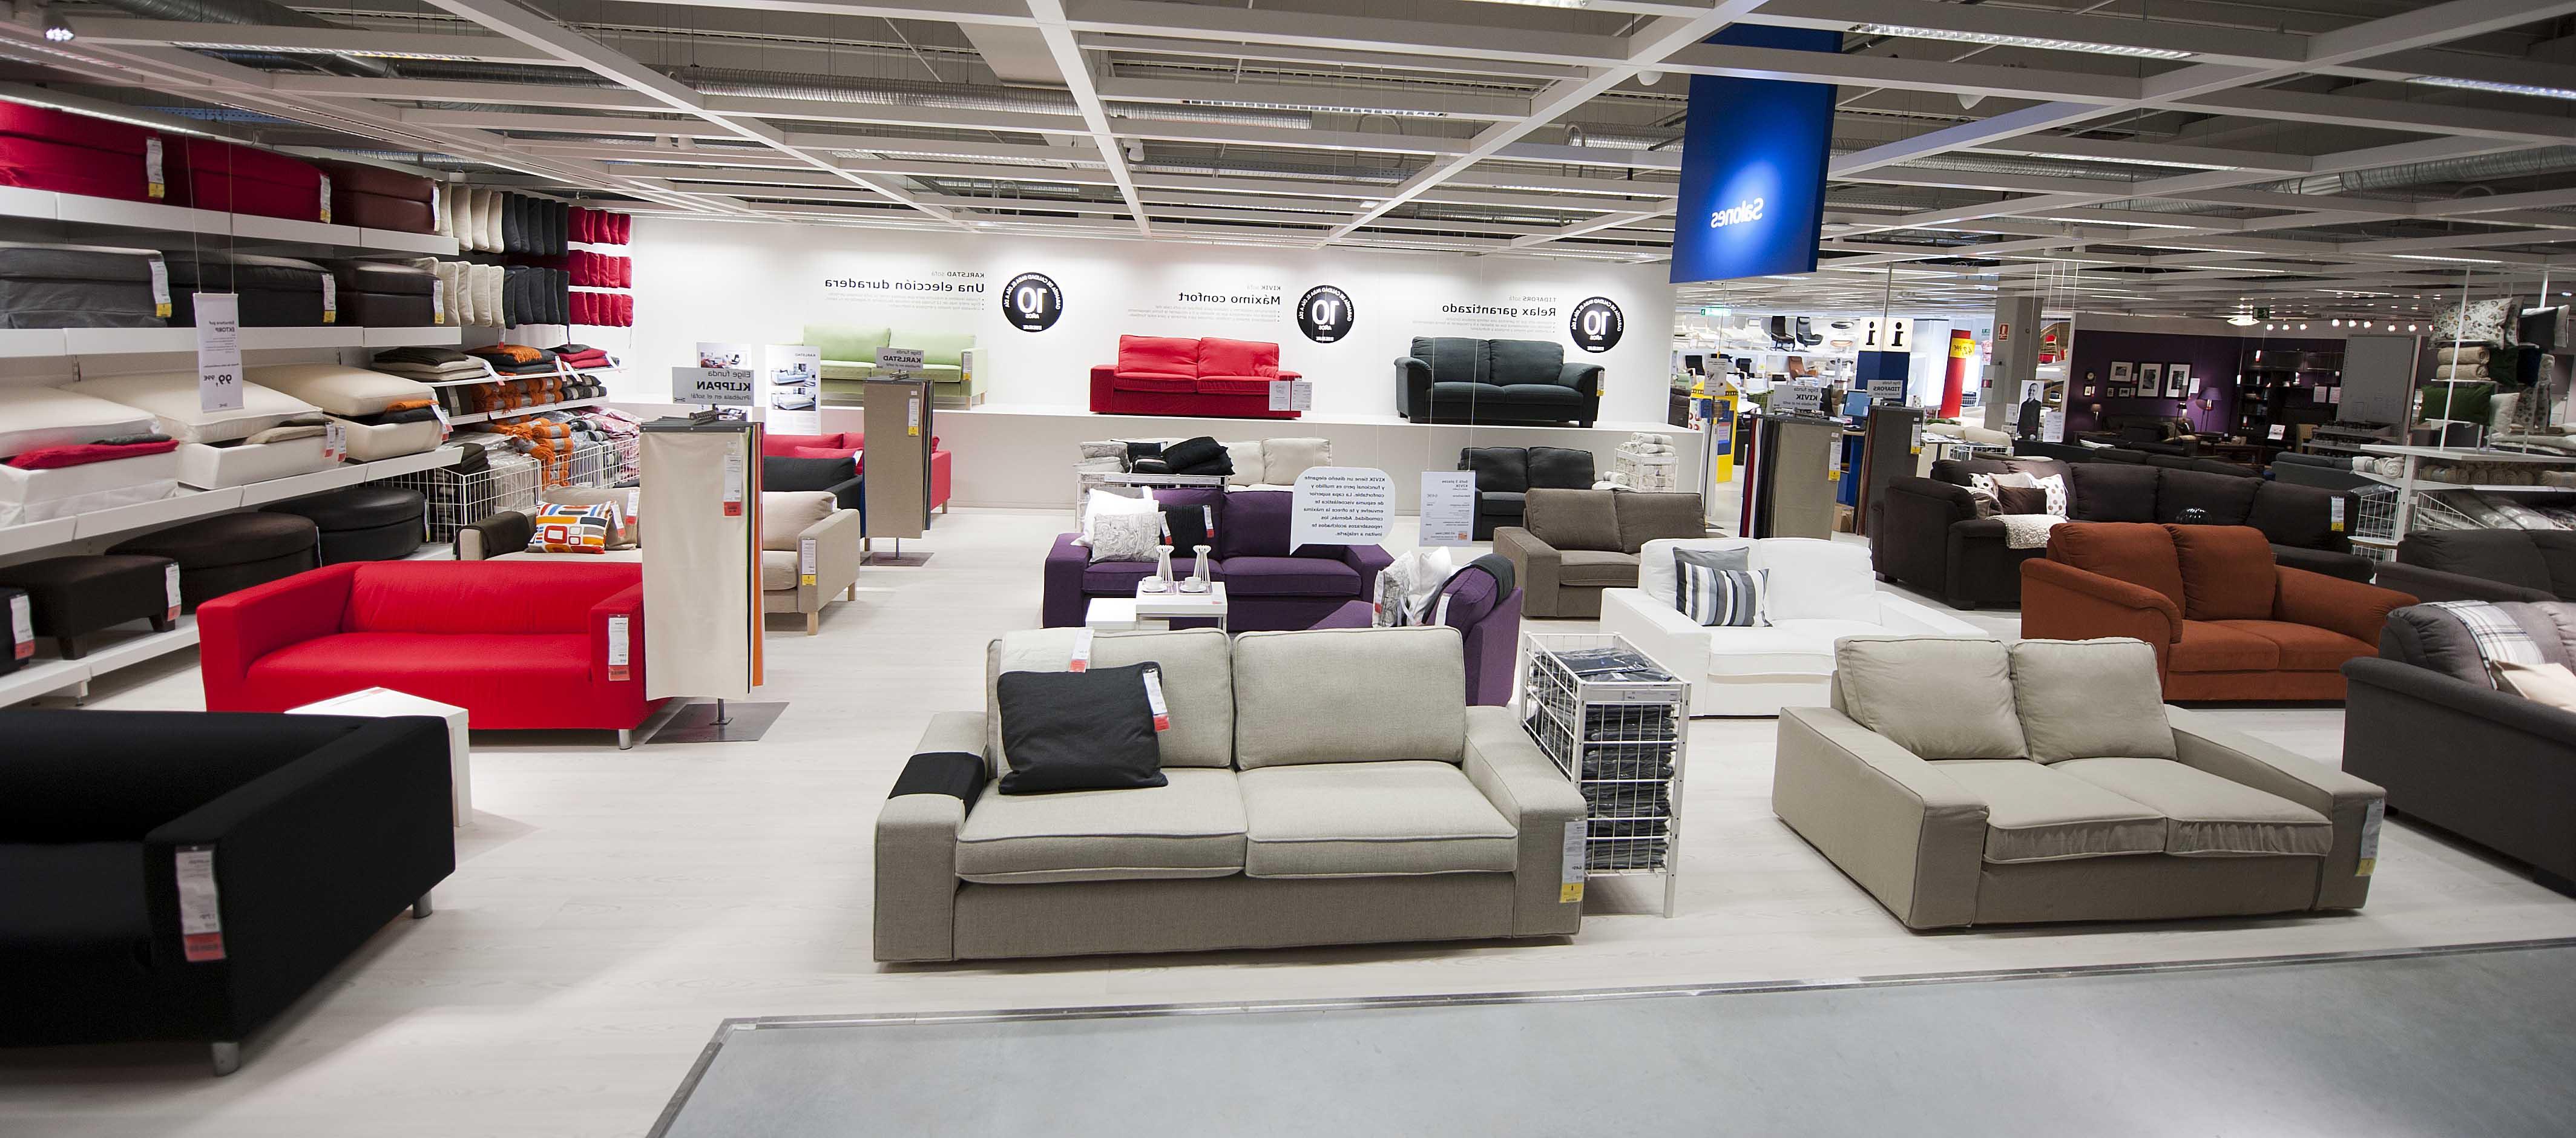 Wallapop Malaga Muebles Ipdd Ikea Redecora Su Negocio Se Abre A La Venta De Segunda Mano Para